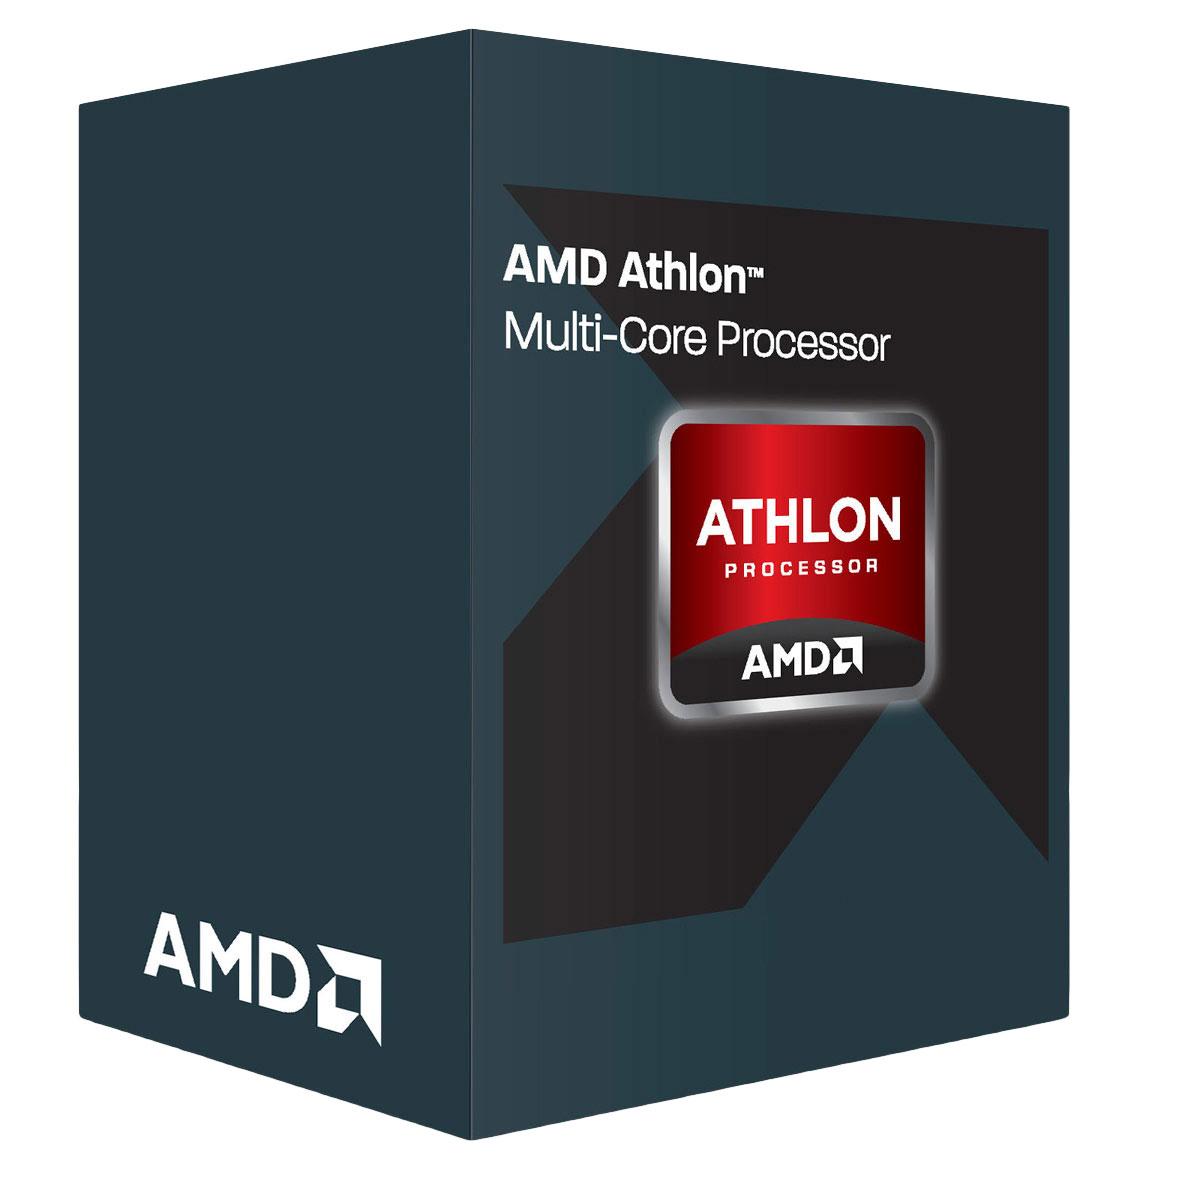 Processeur AMD Athlon X4 950 (3.5 GHz) Processeur Quad Core socket AM4 Cache L2 2 Mo 0.028 micron TDP 65W (version boîte - garantie constructeur 3 ans)